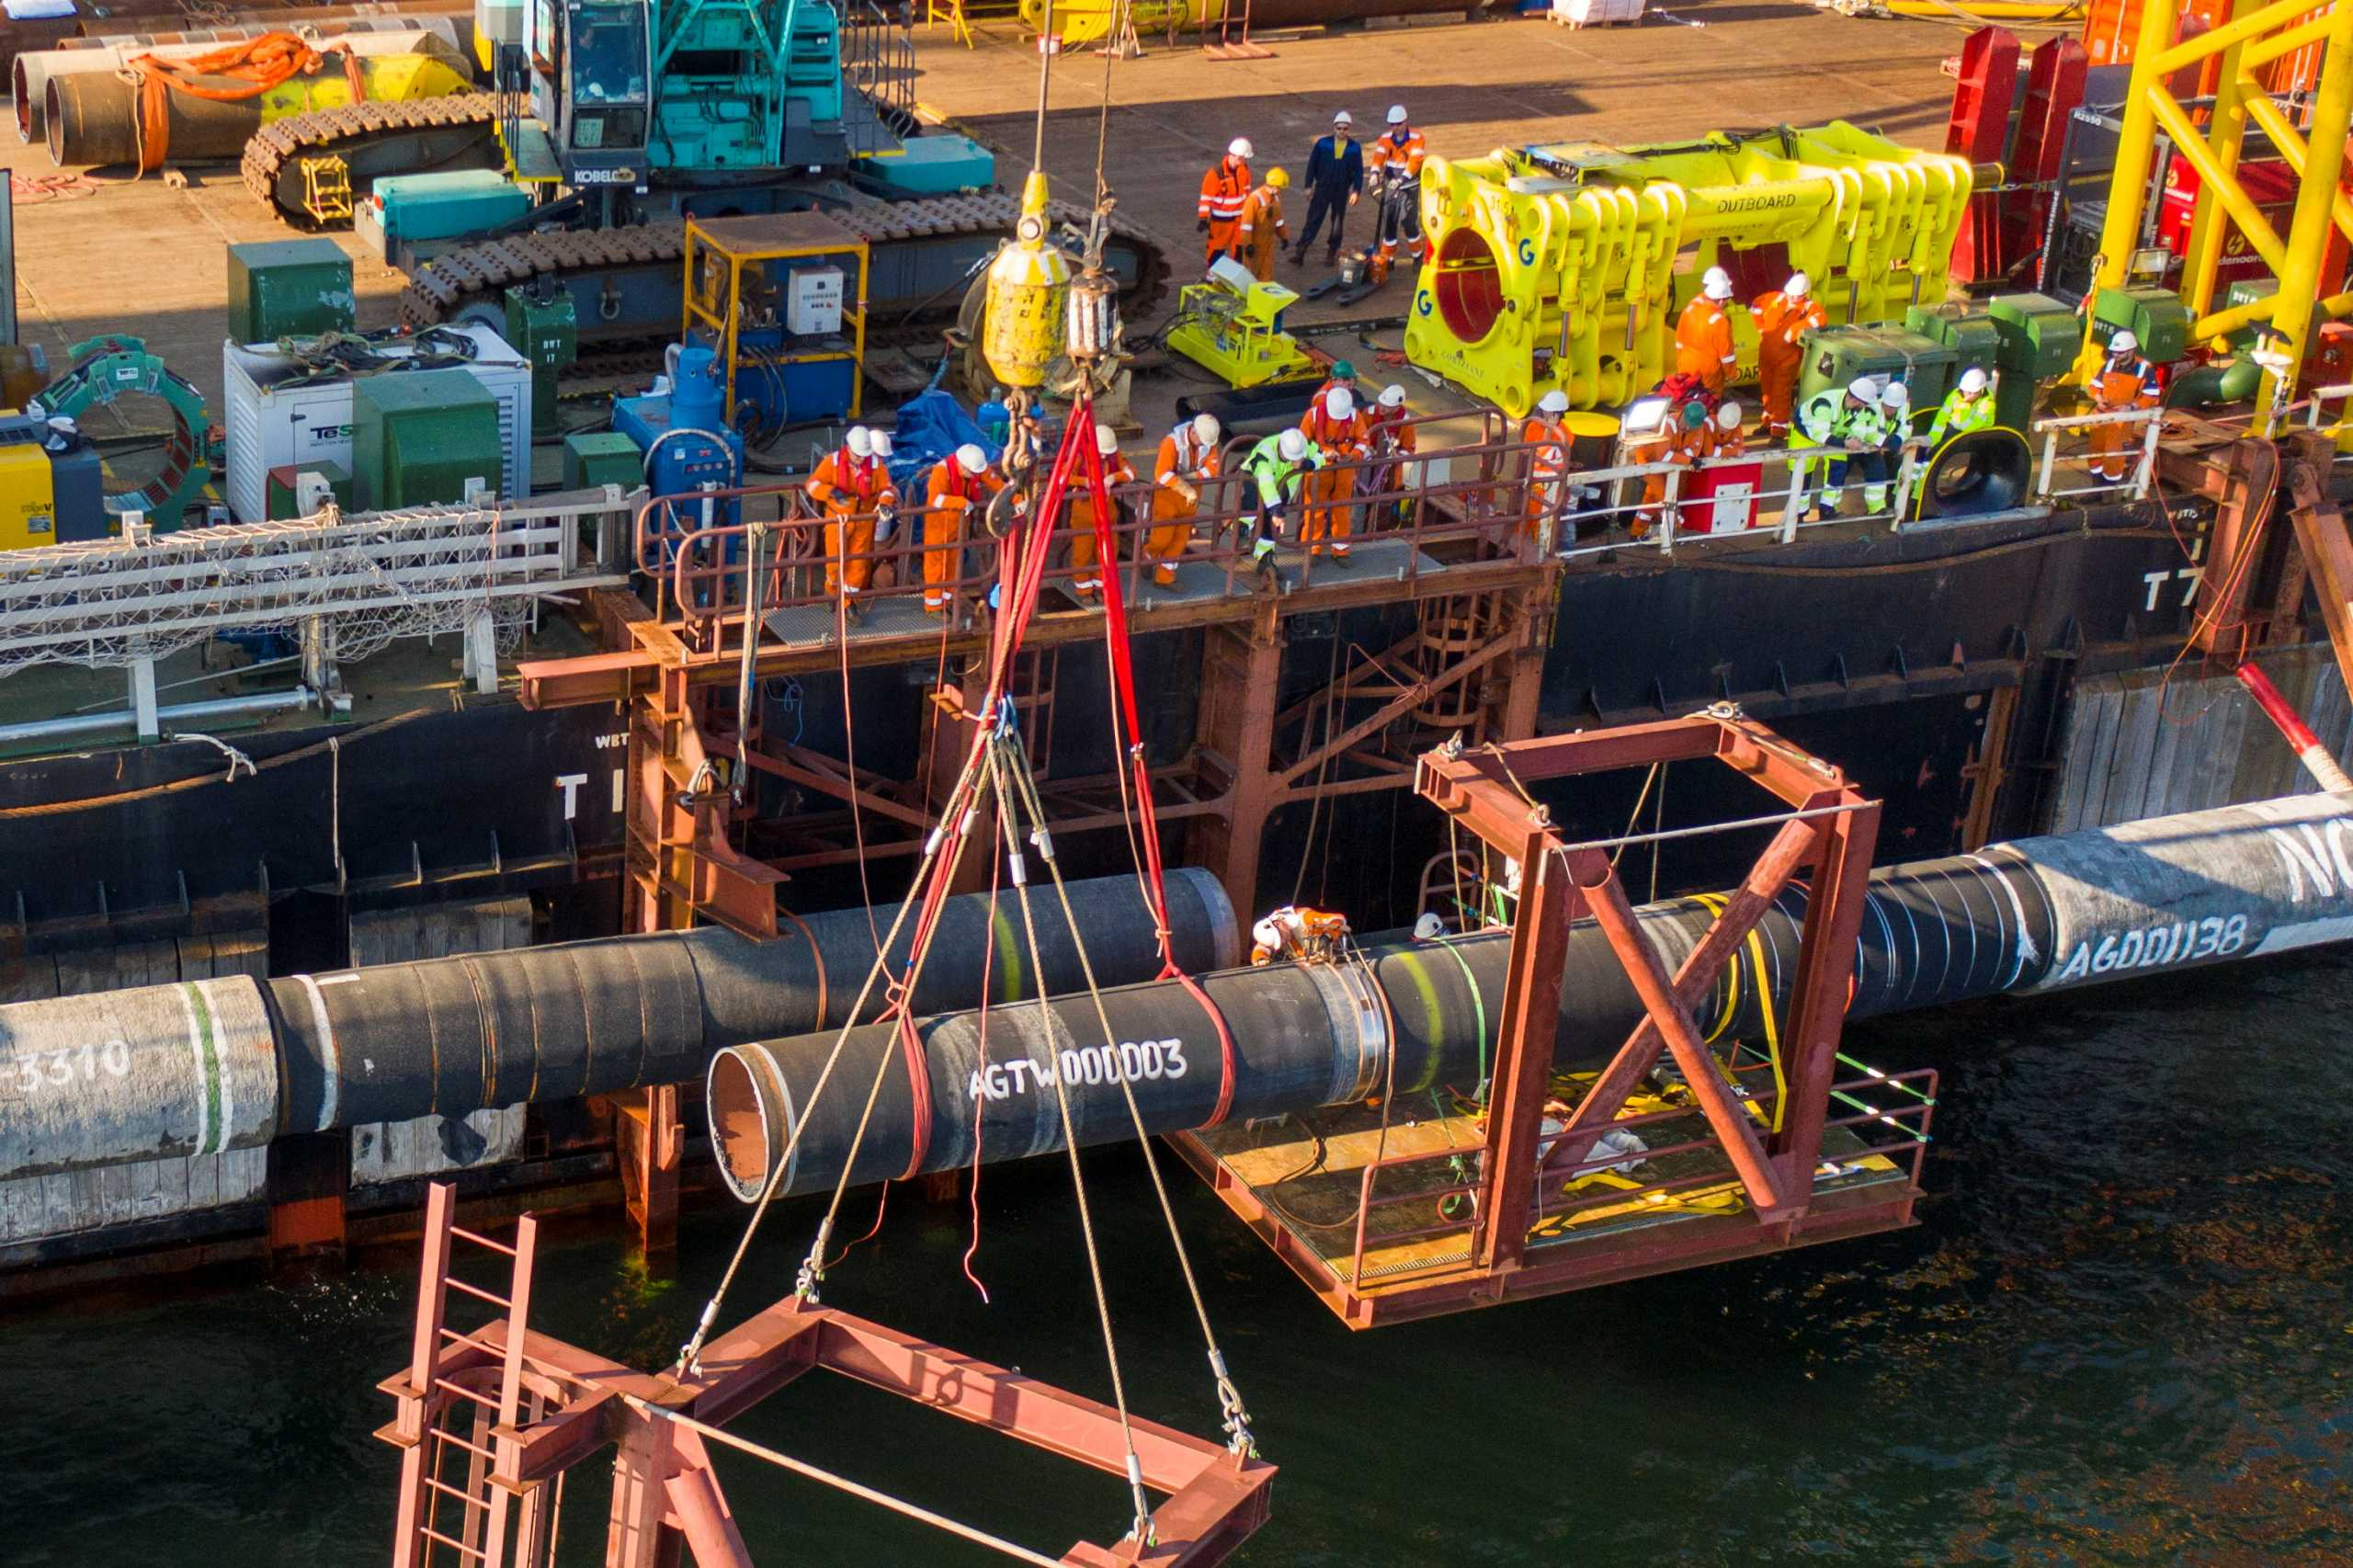 Έτοιμος ο αγωγός Nord Stream 2 για τη μεταφορά αερίου από τη Ρωσία στη Γερμανία – Αντιδρά η Ουκρανία